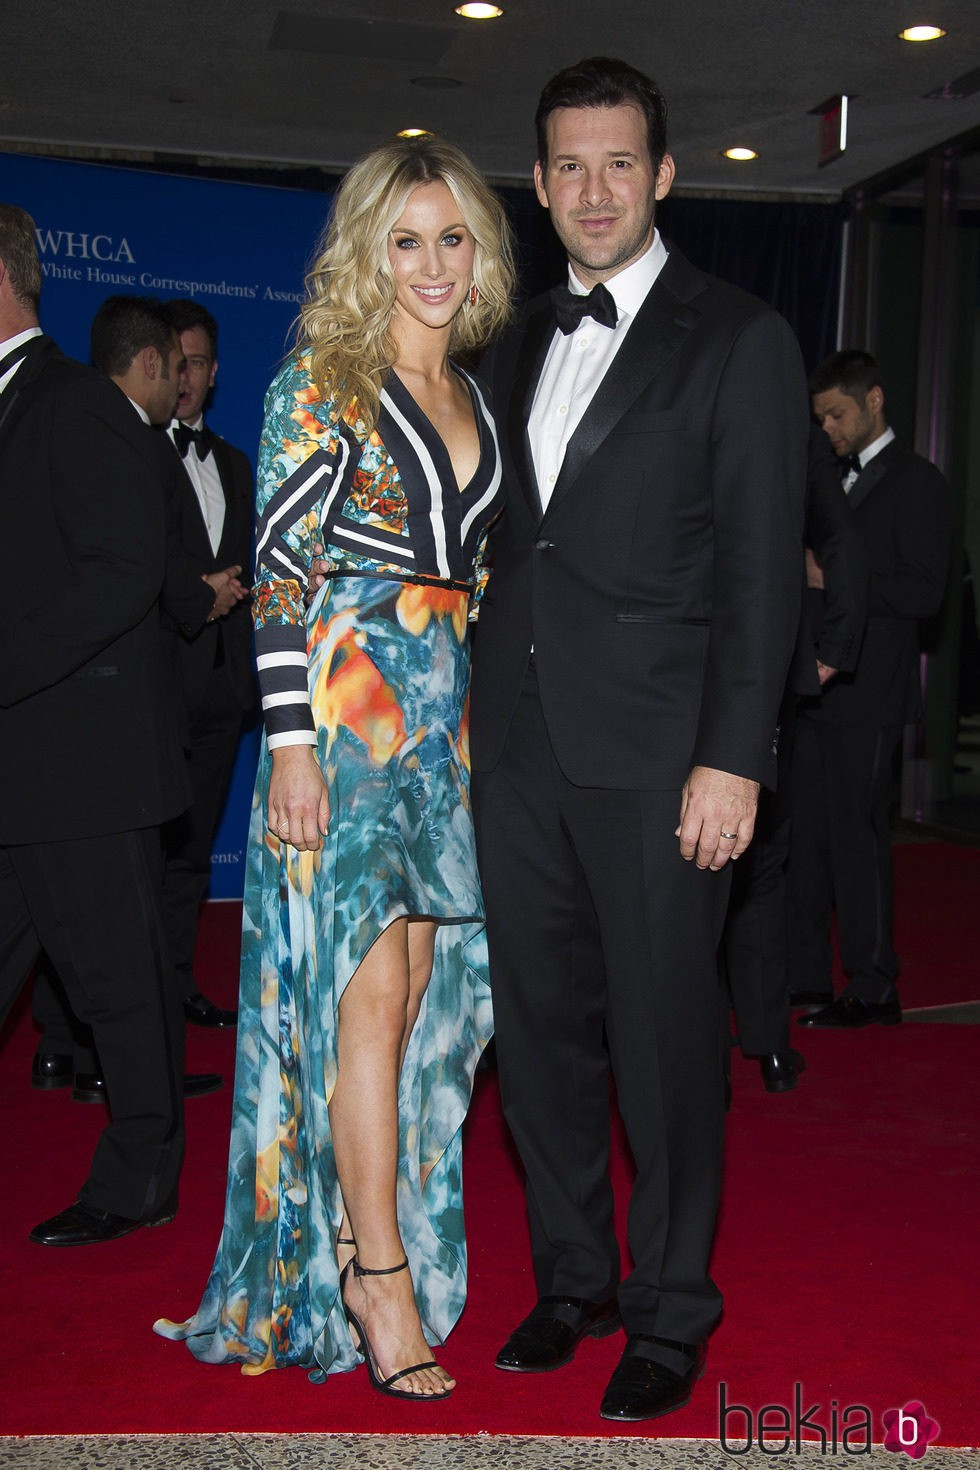 Candice Crawford y Tony Romo en la Cena de Corresponsales de la Casa Blanca 2015